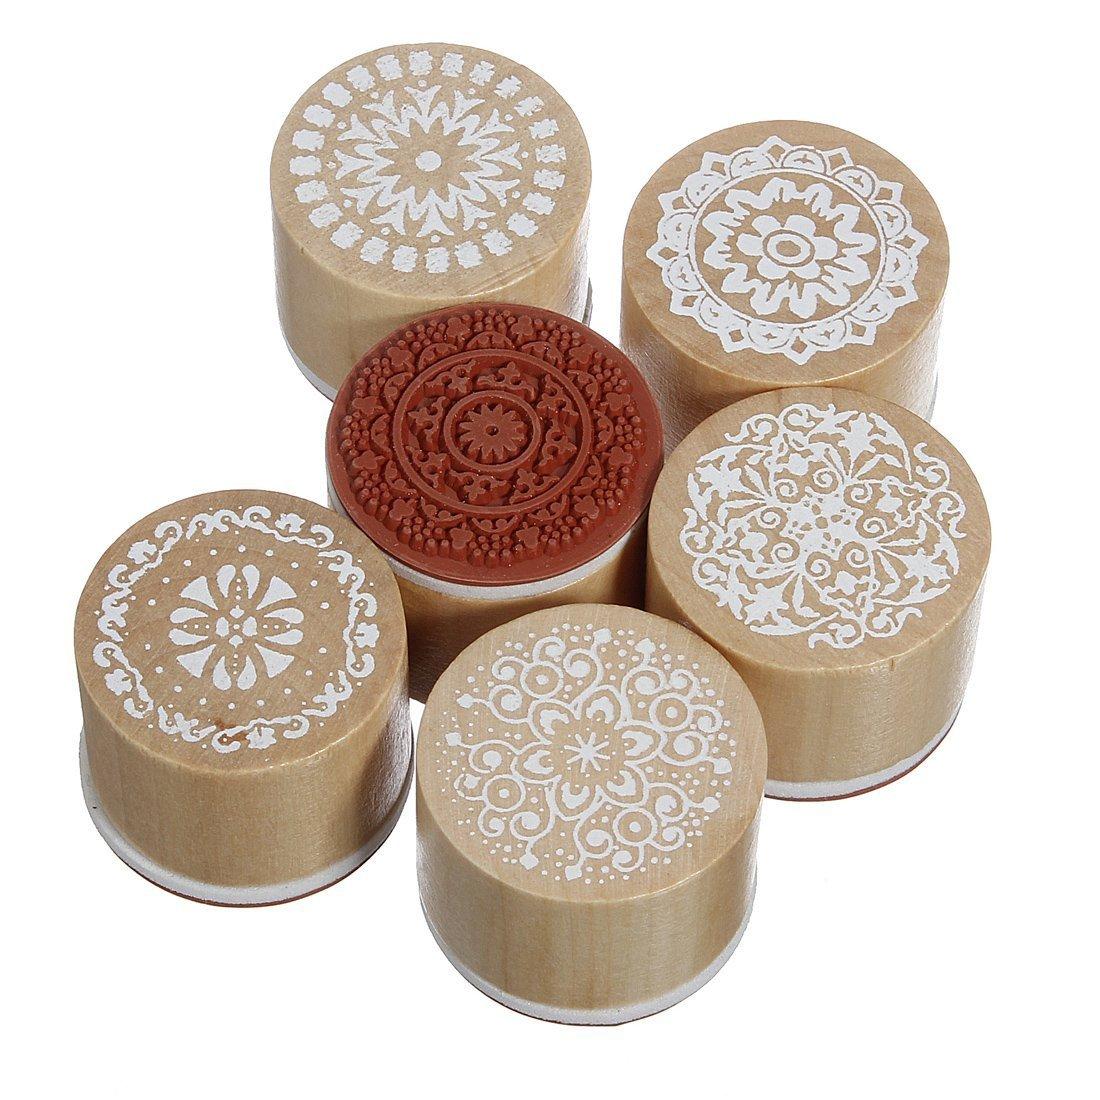 Tampons encreurs pour artisanat Creative Tampons Lavables Partenaire DIY Multicolore Tampon encreurs pour Timbres Papier Tissu En Bois